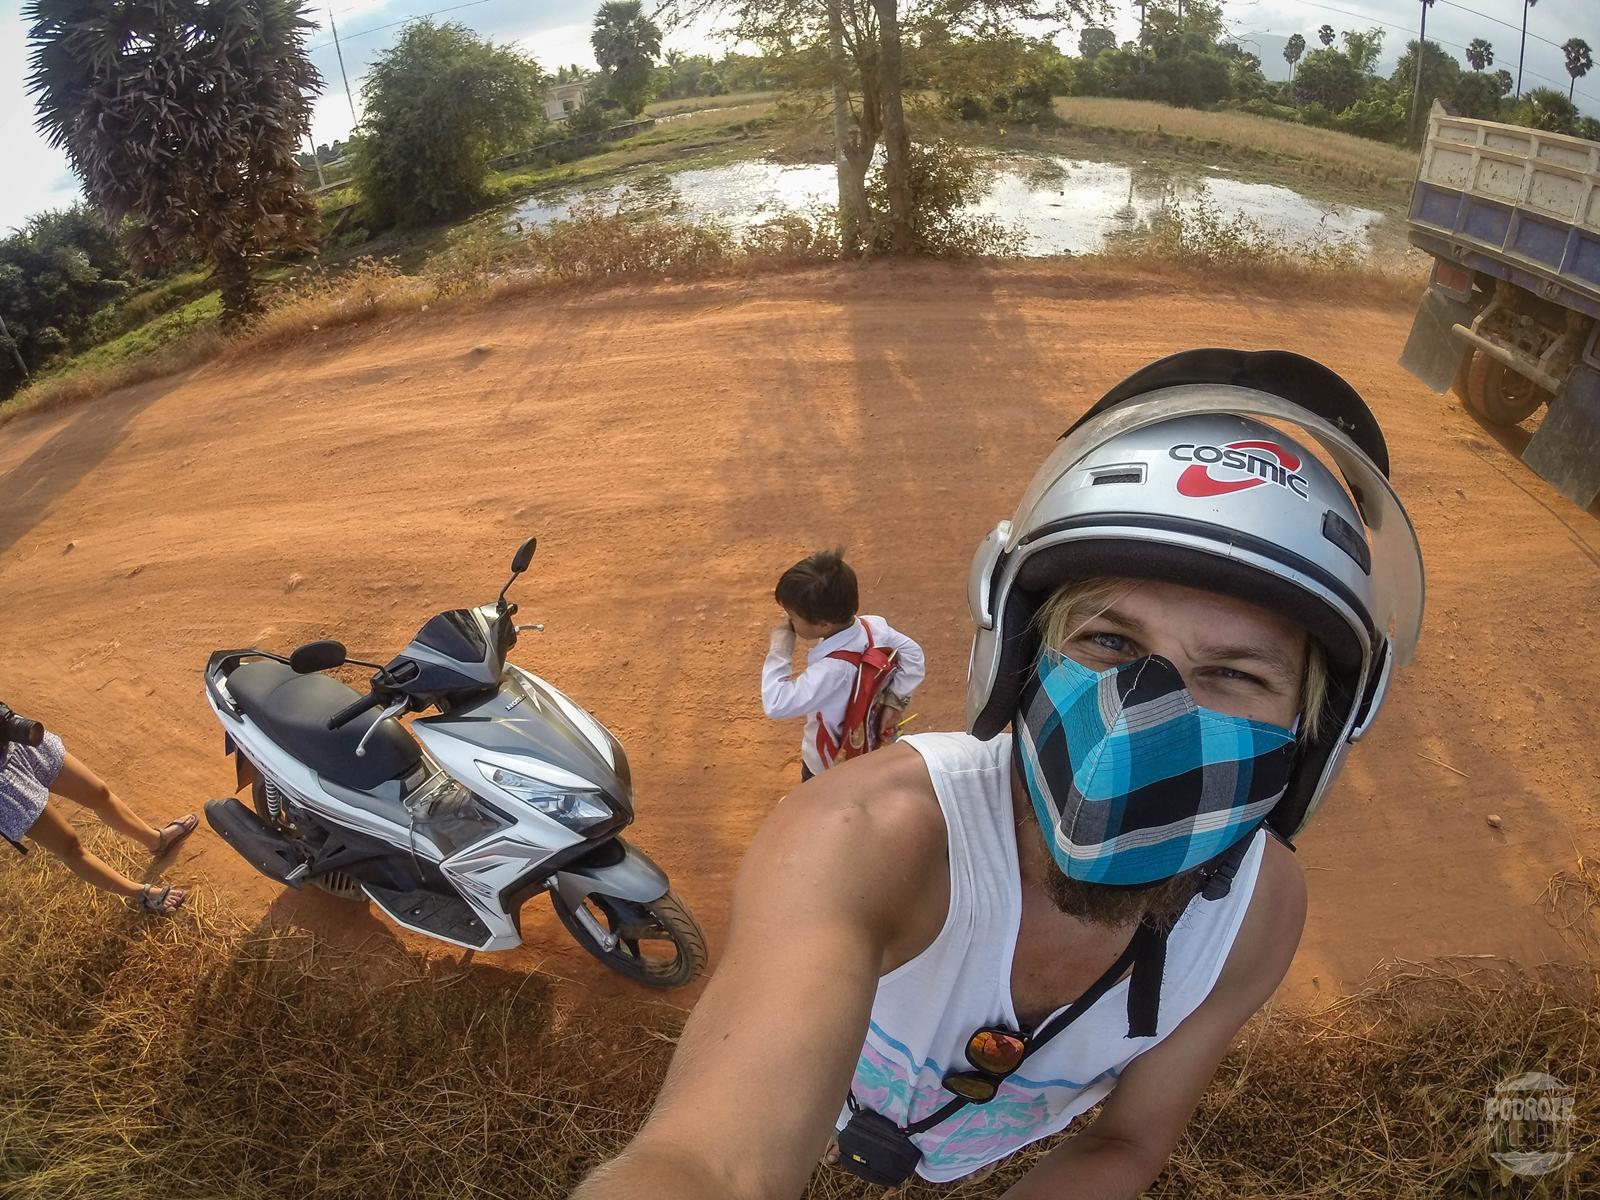 kambodza wies kampot